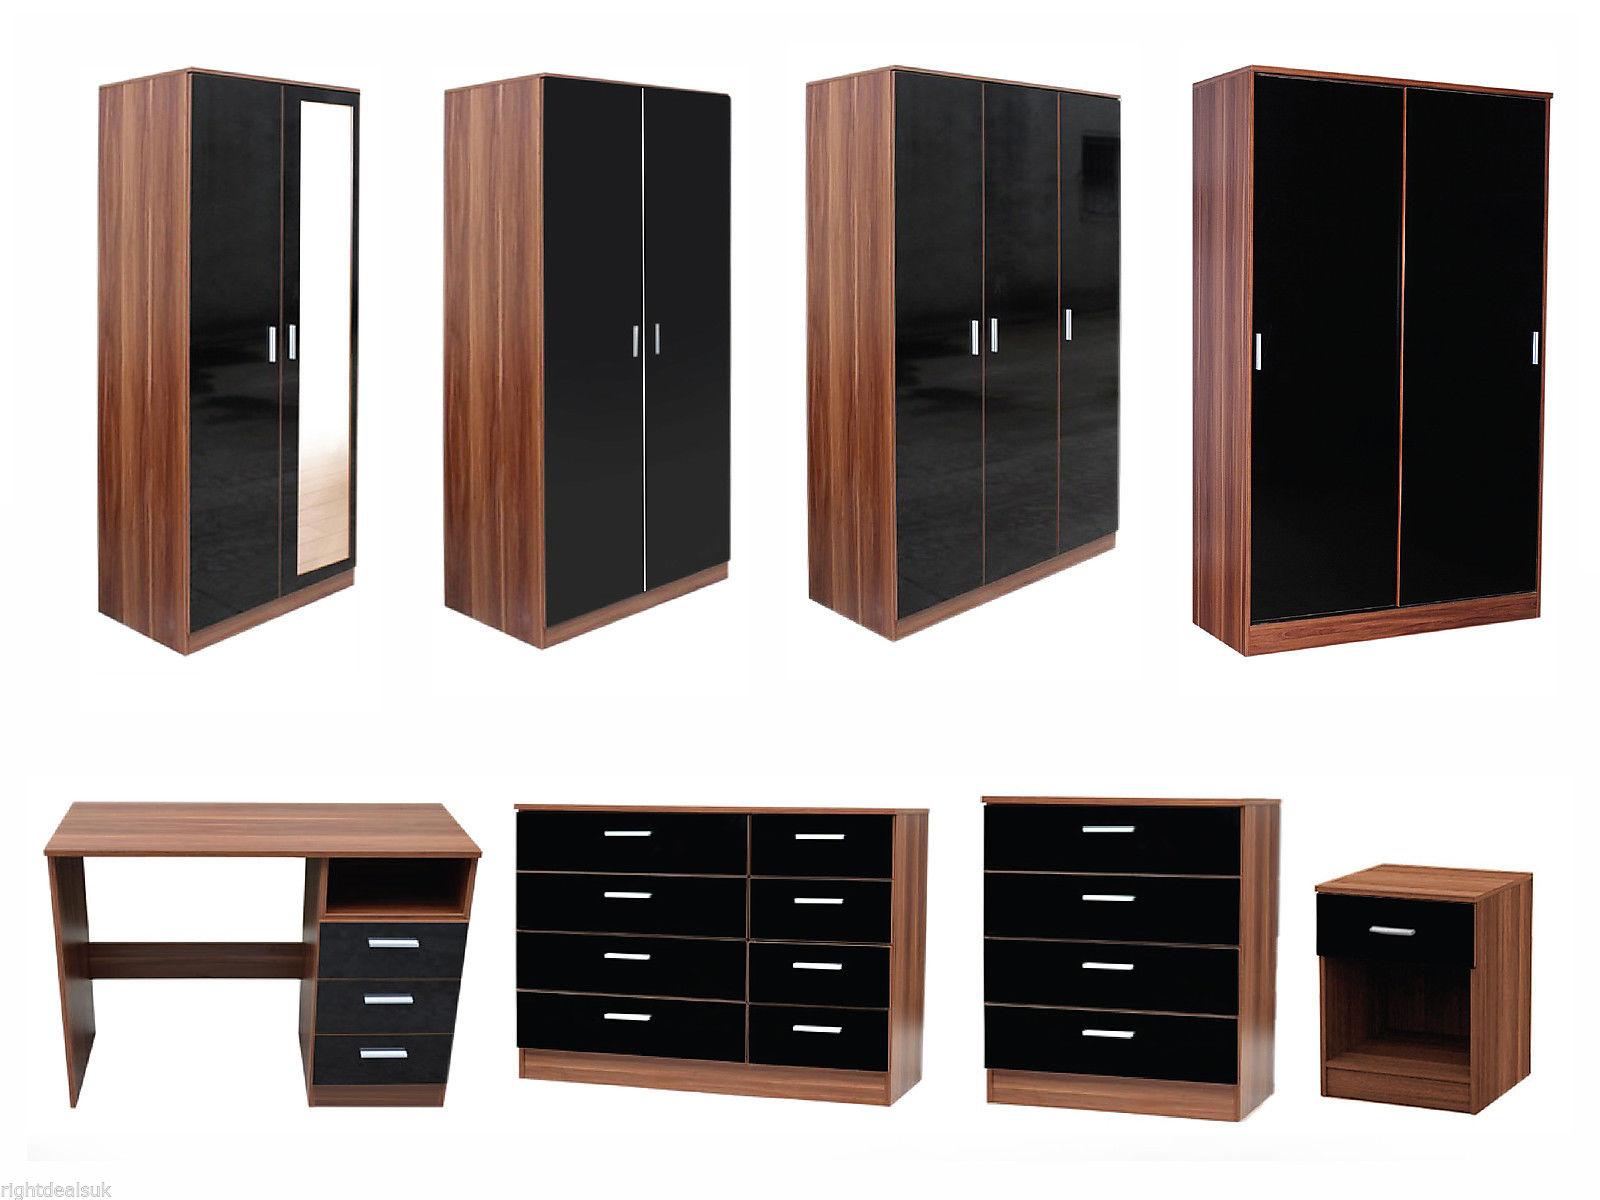 New Caspian High Gloss Black Walnut Bedroom Furniture Set